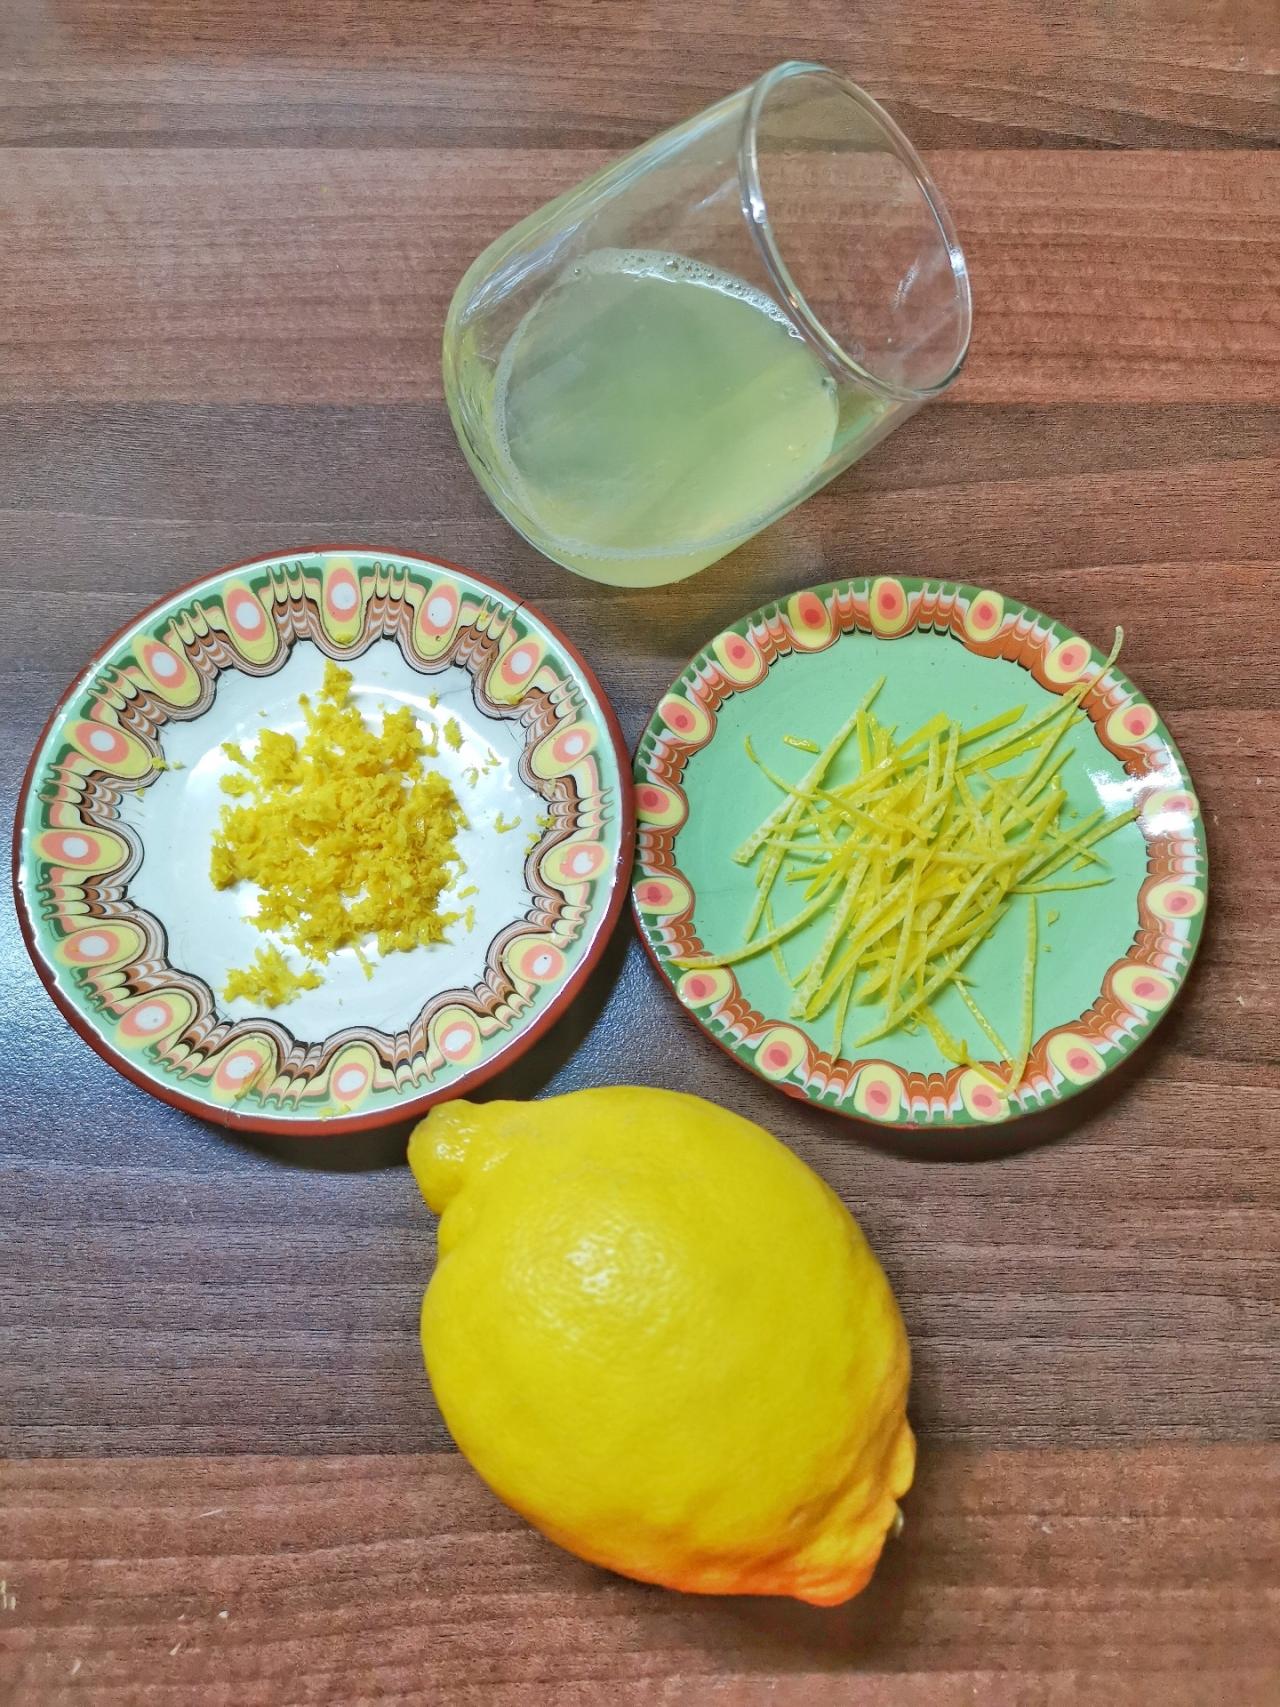 suc de lămâie pentru tagliatelle al limone